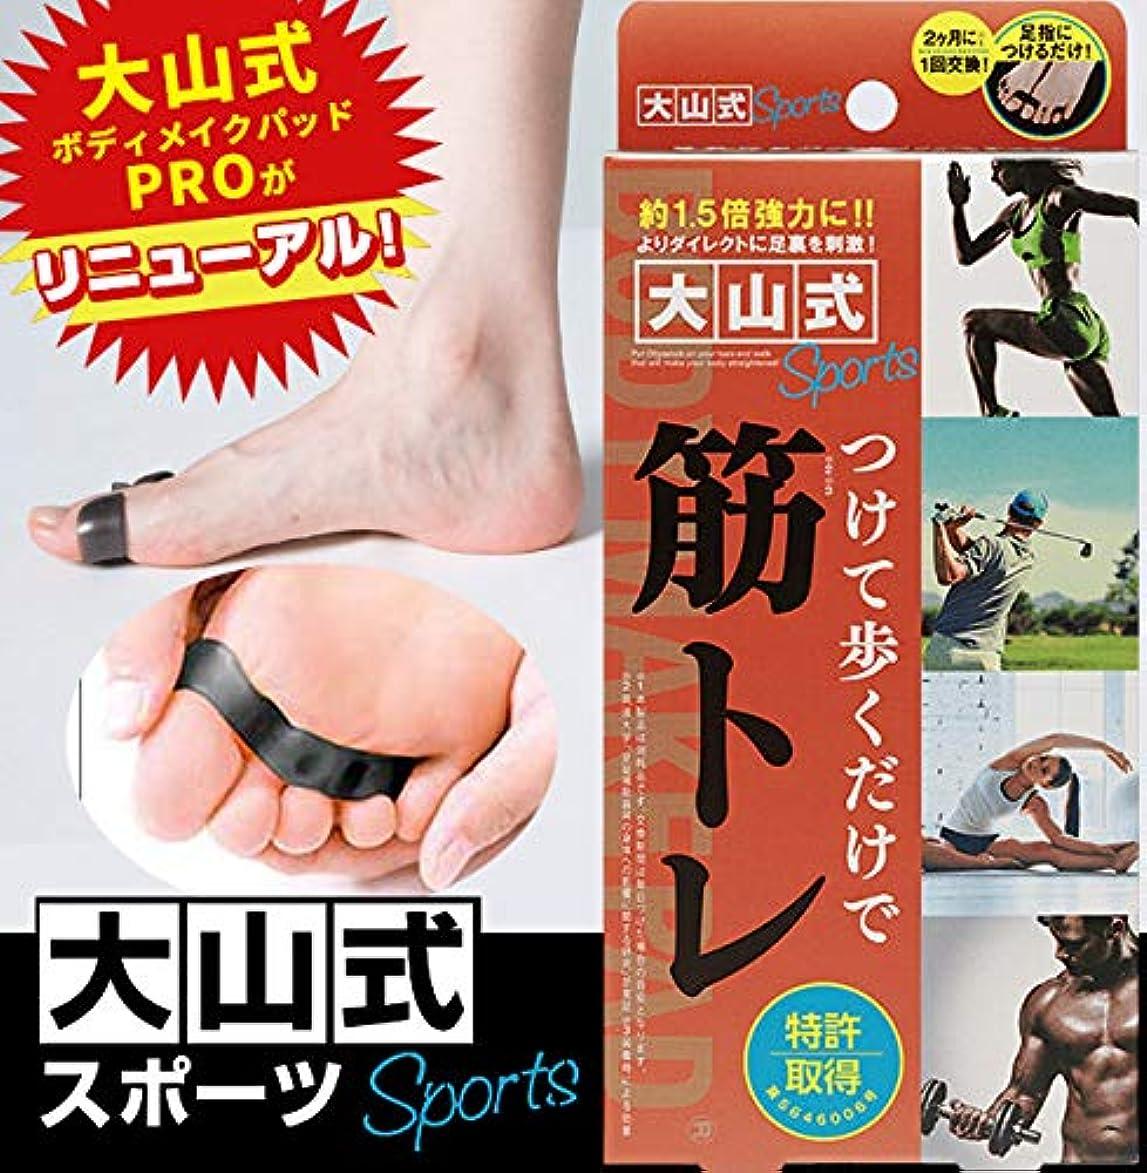 大山式ボディメイクパッド スポーツ Sports